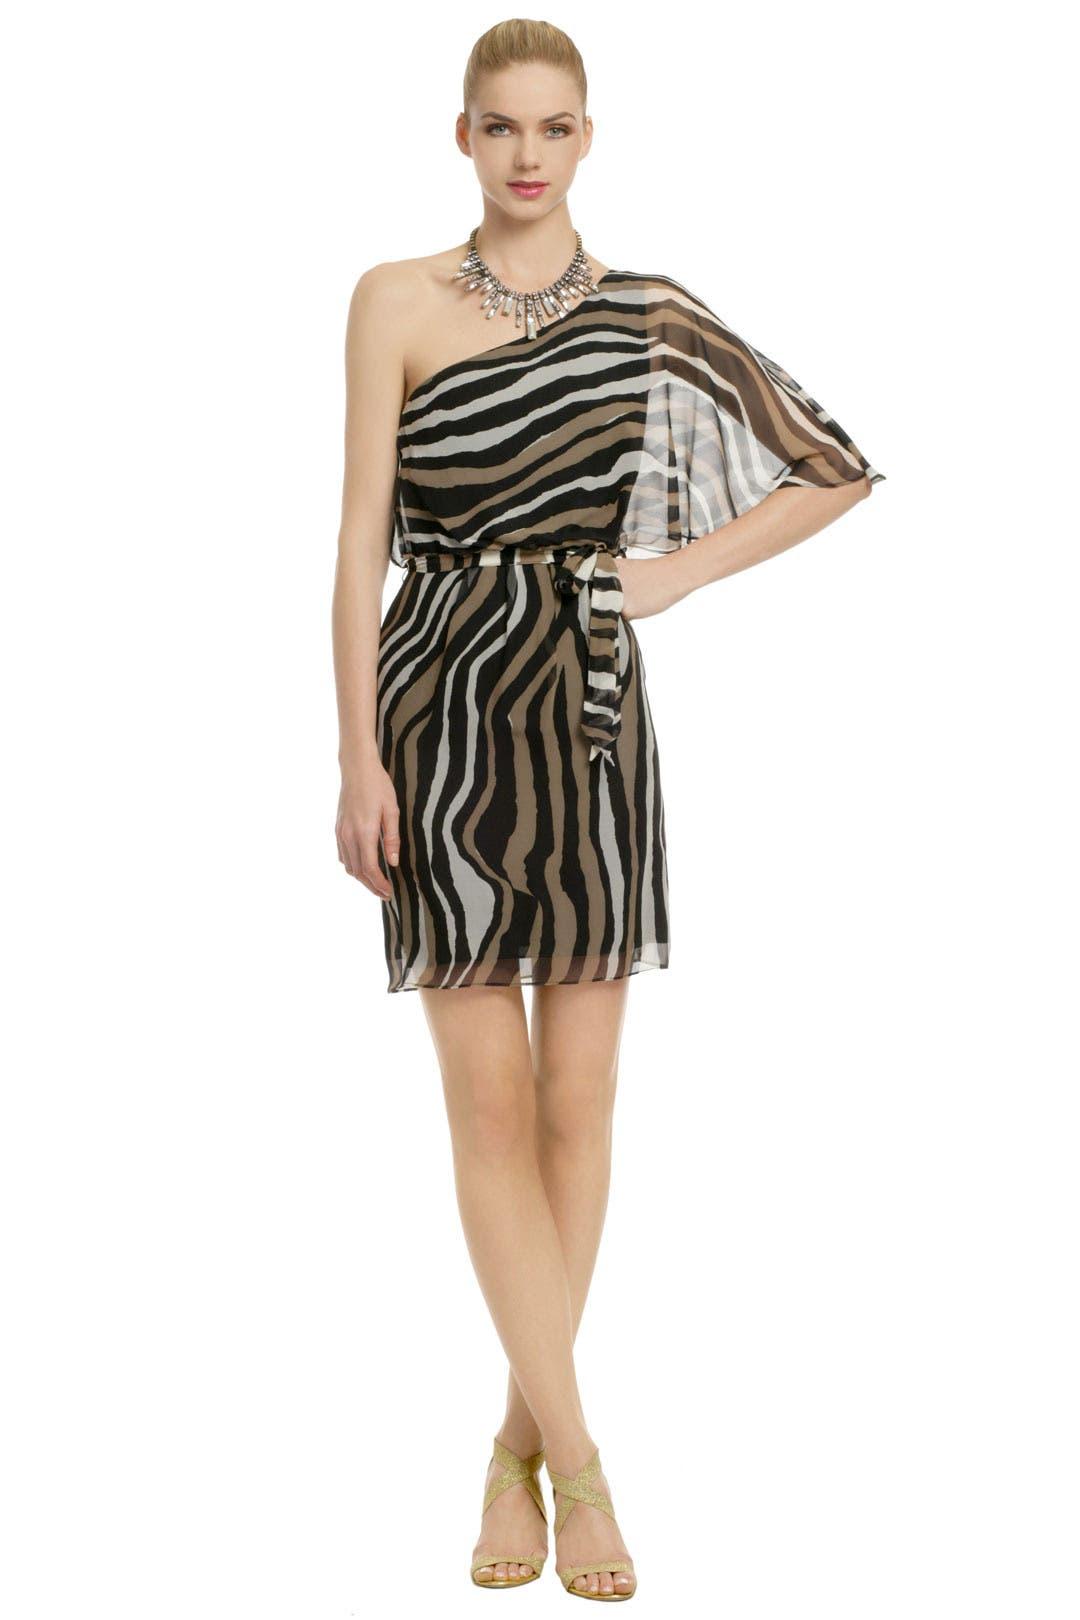 Lion Roar Dress by Trina Turk